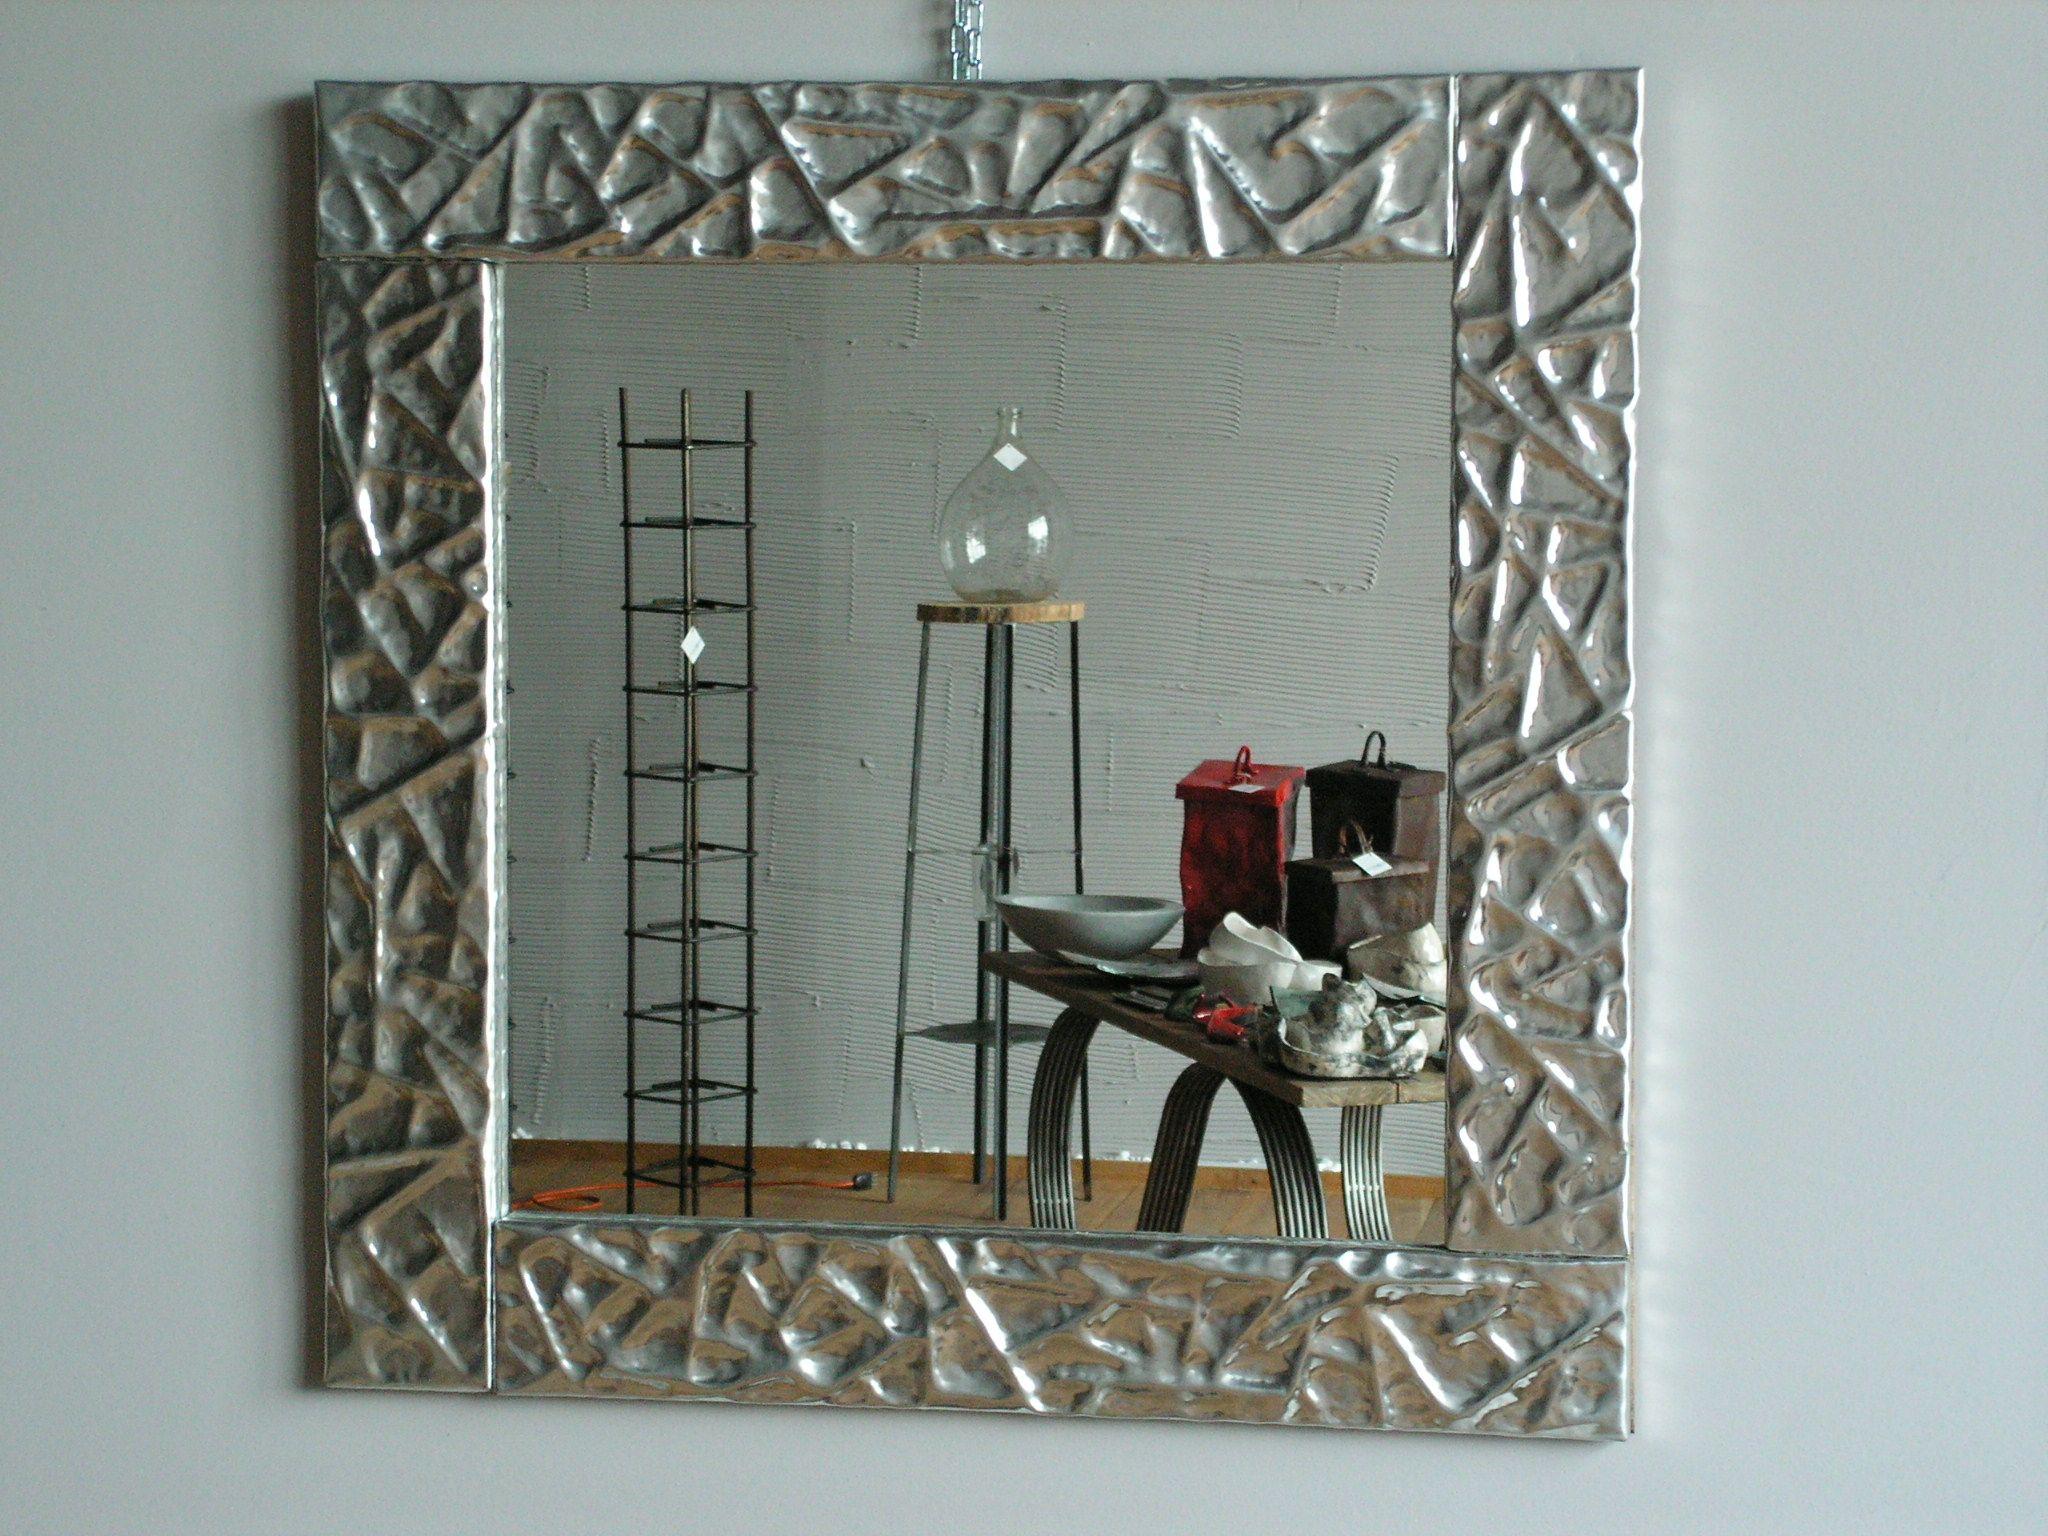 specchio in alluminio lavorato a mano dim. 110 x 110 cm